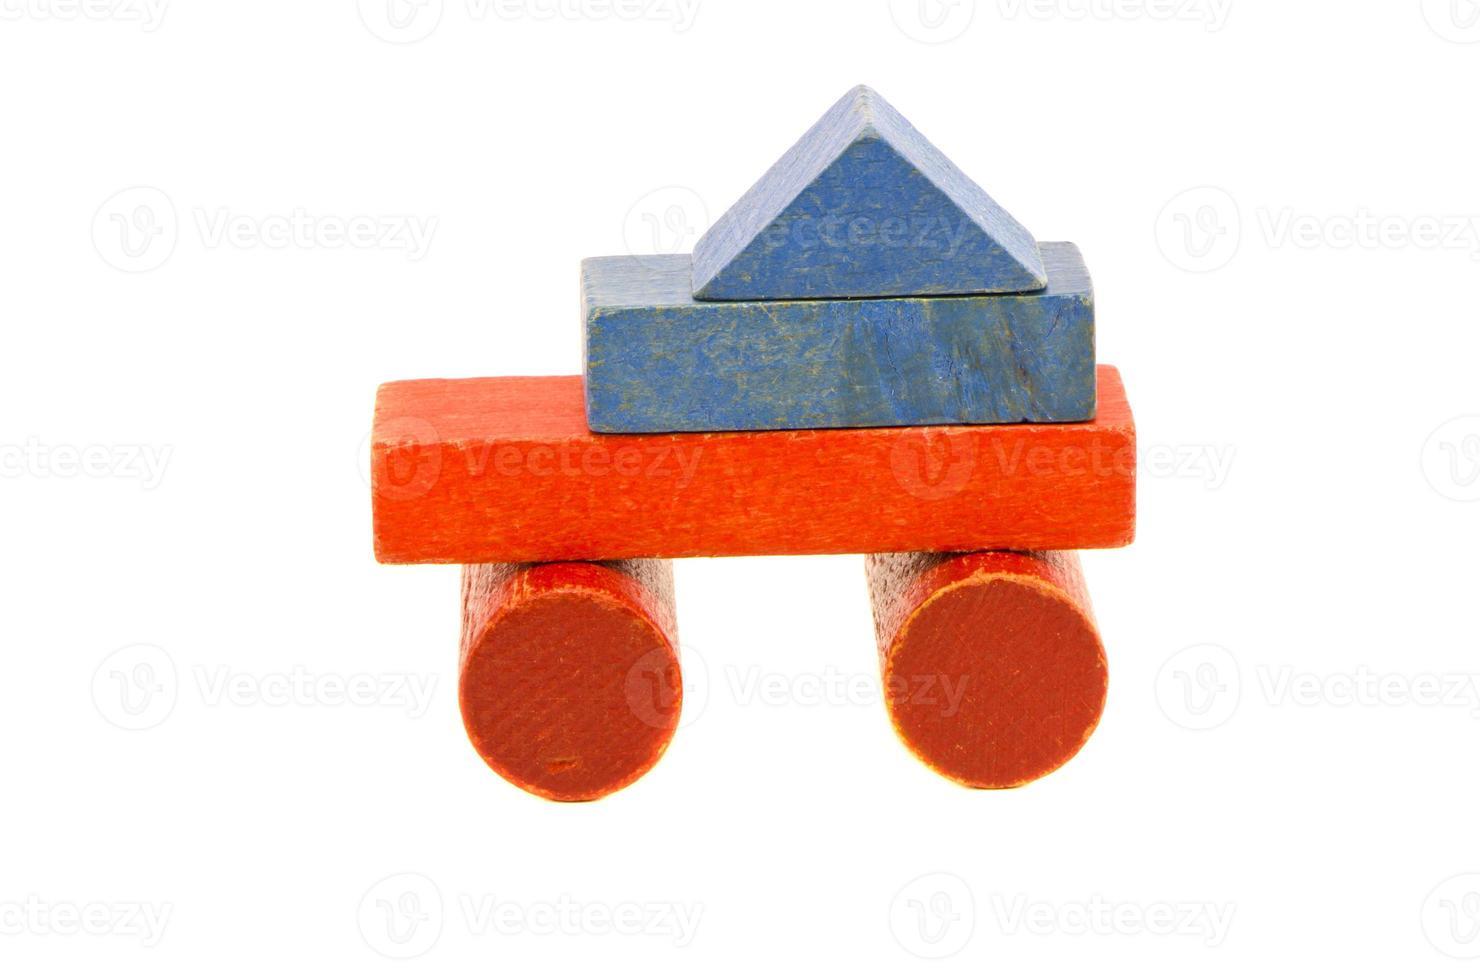 brinquedo caminhão colorido usado de blocos de madeira foto